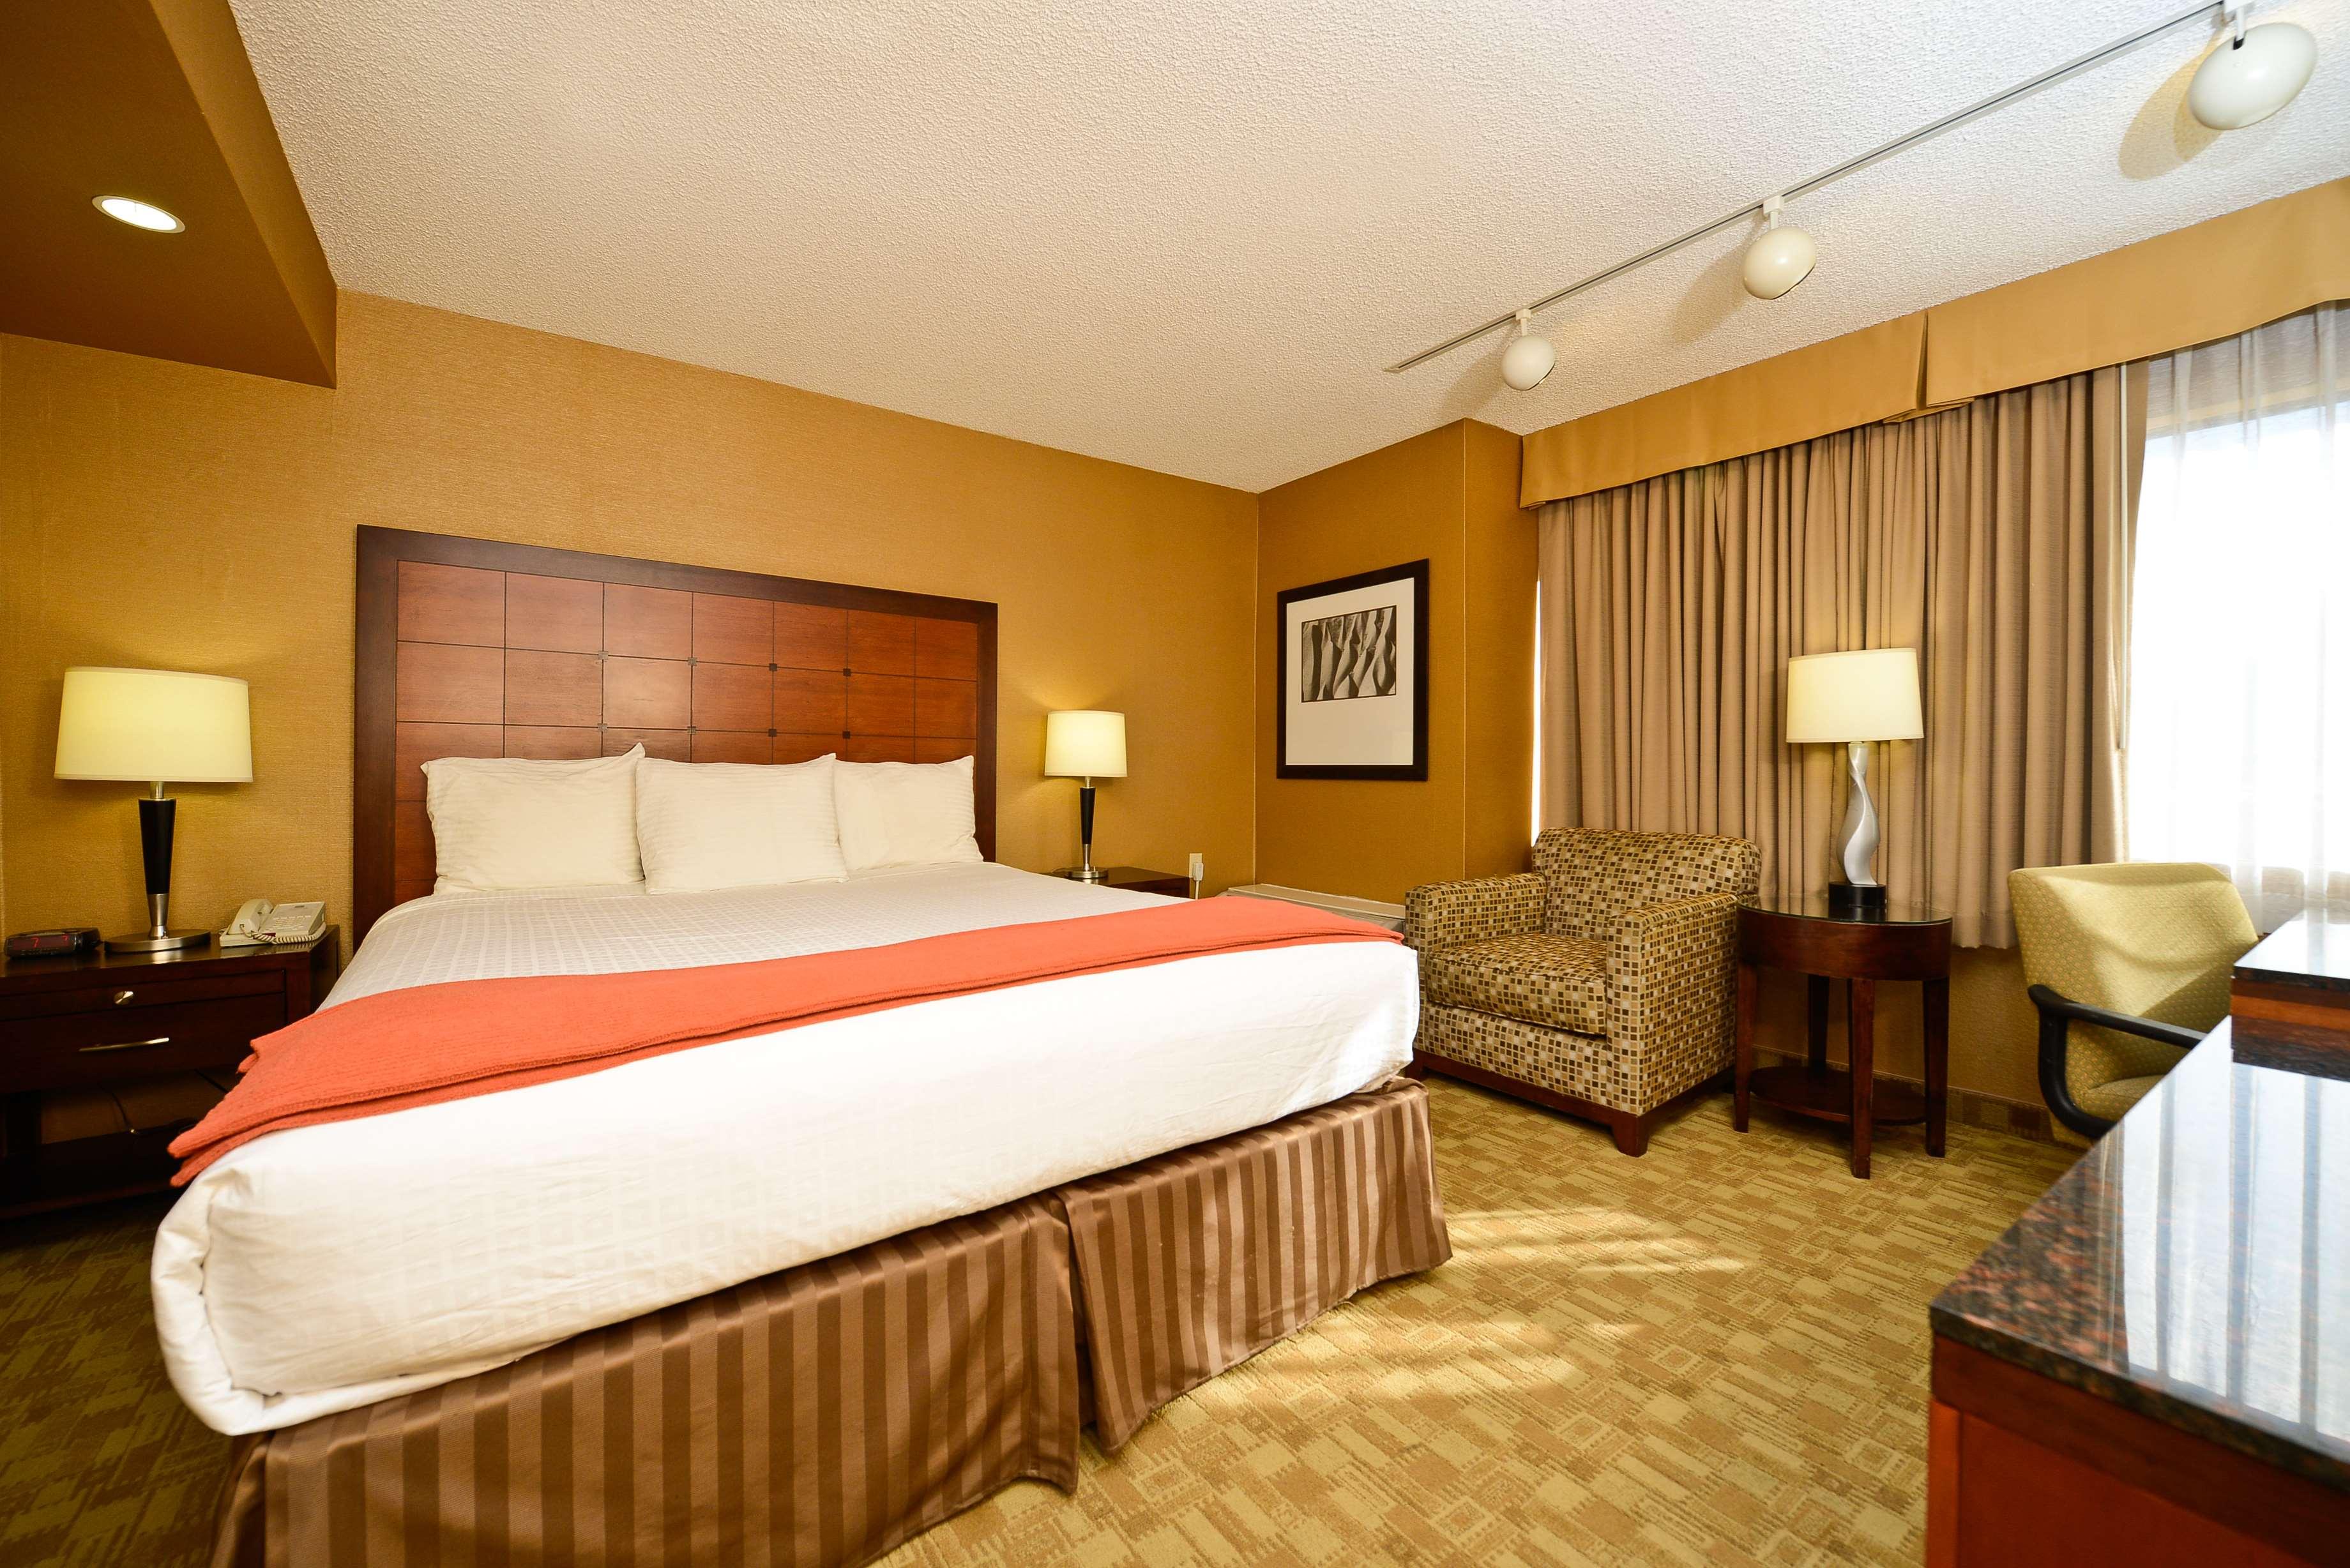 Best Western Inn at Palm Springs image 12